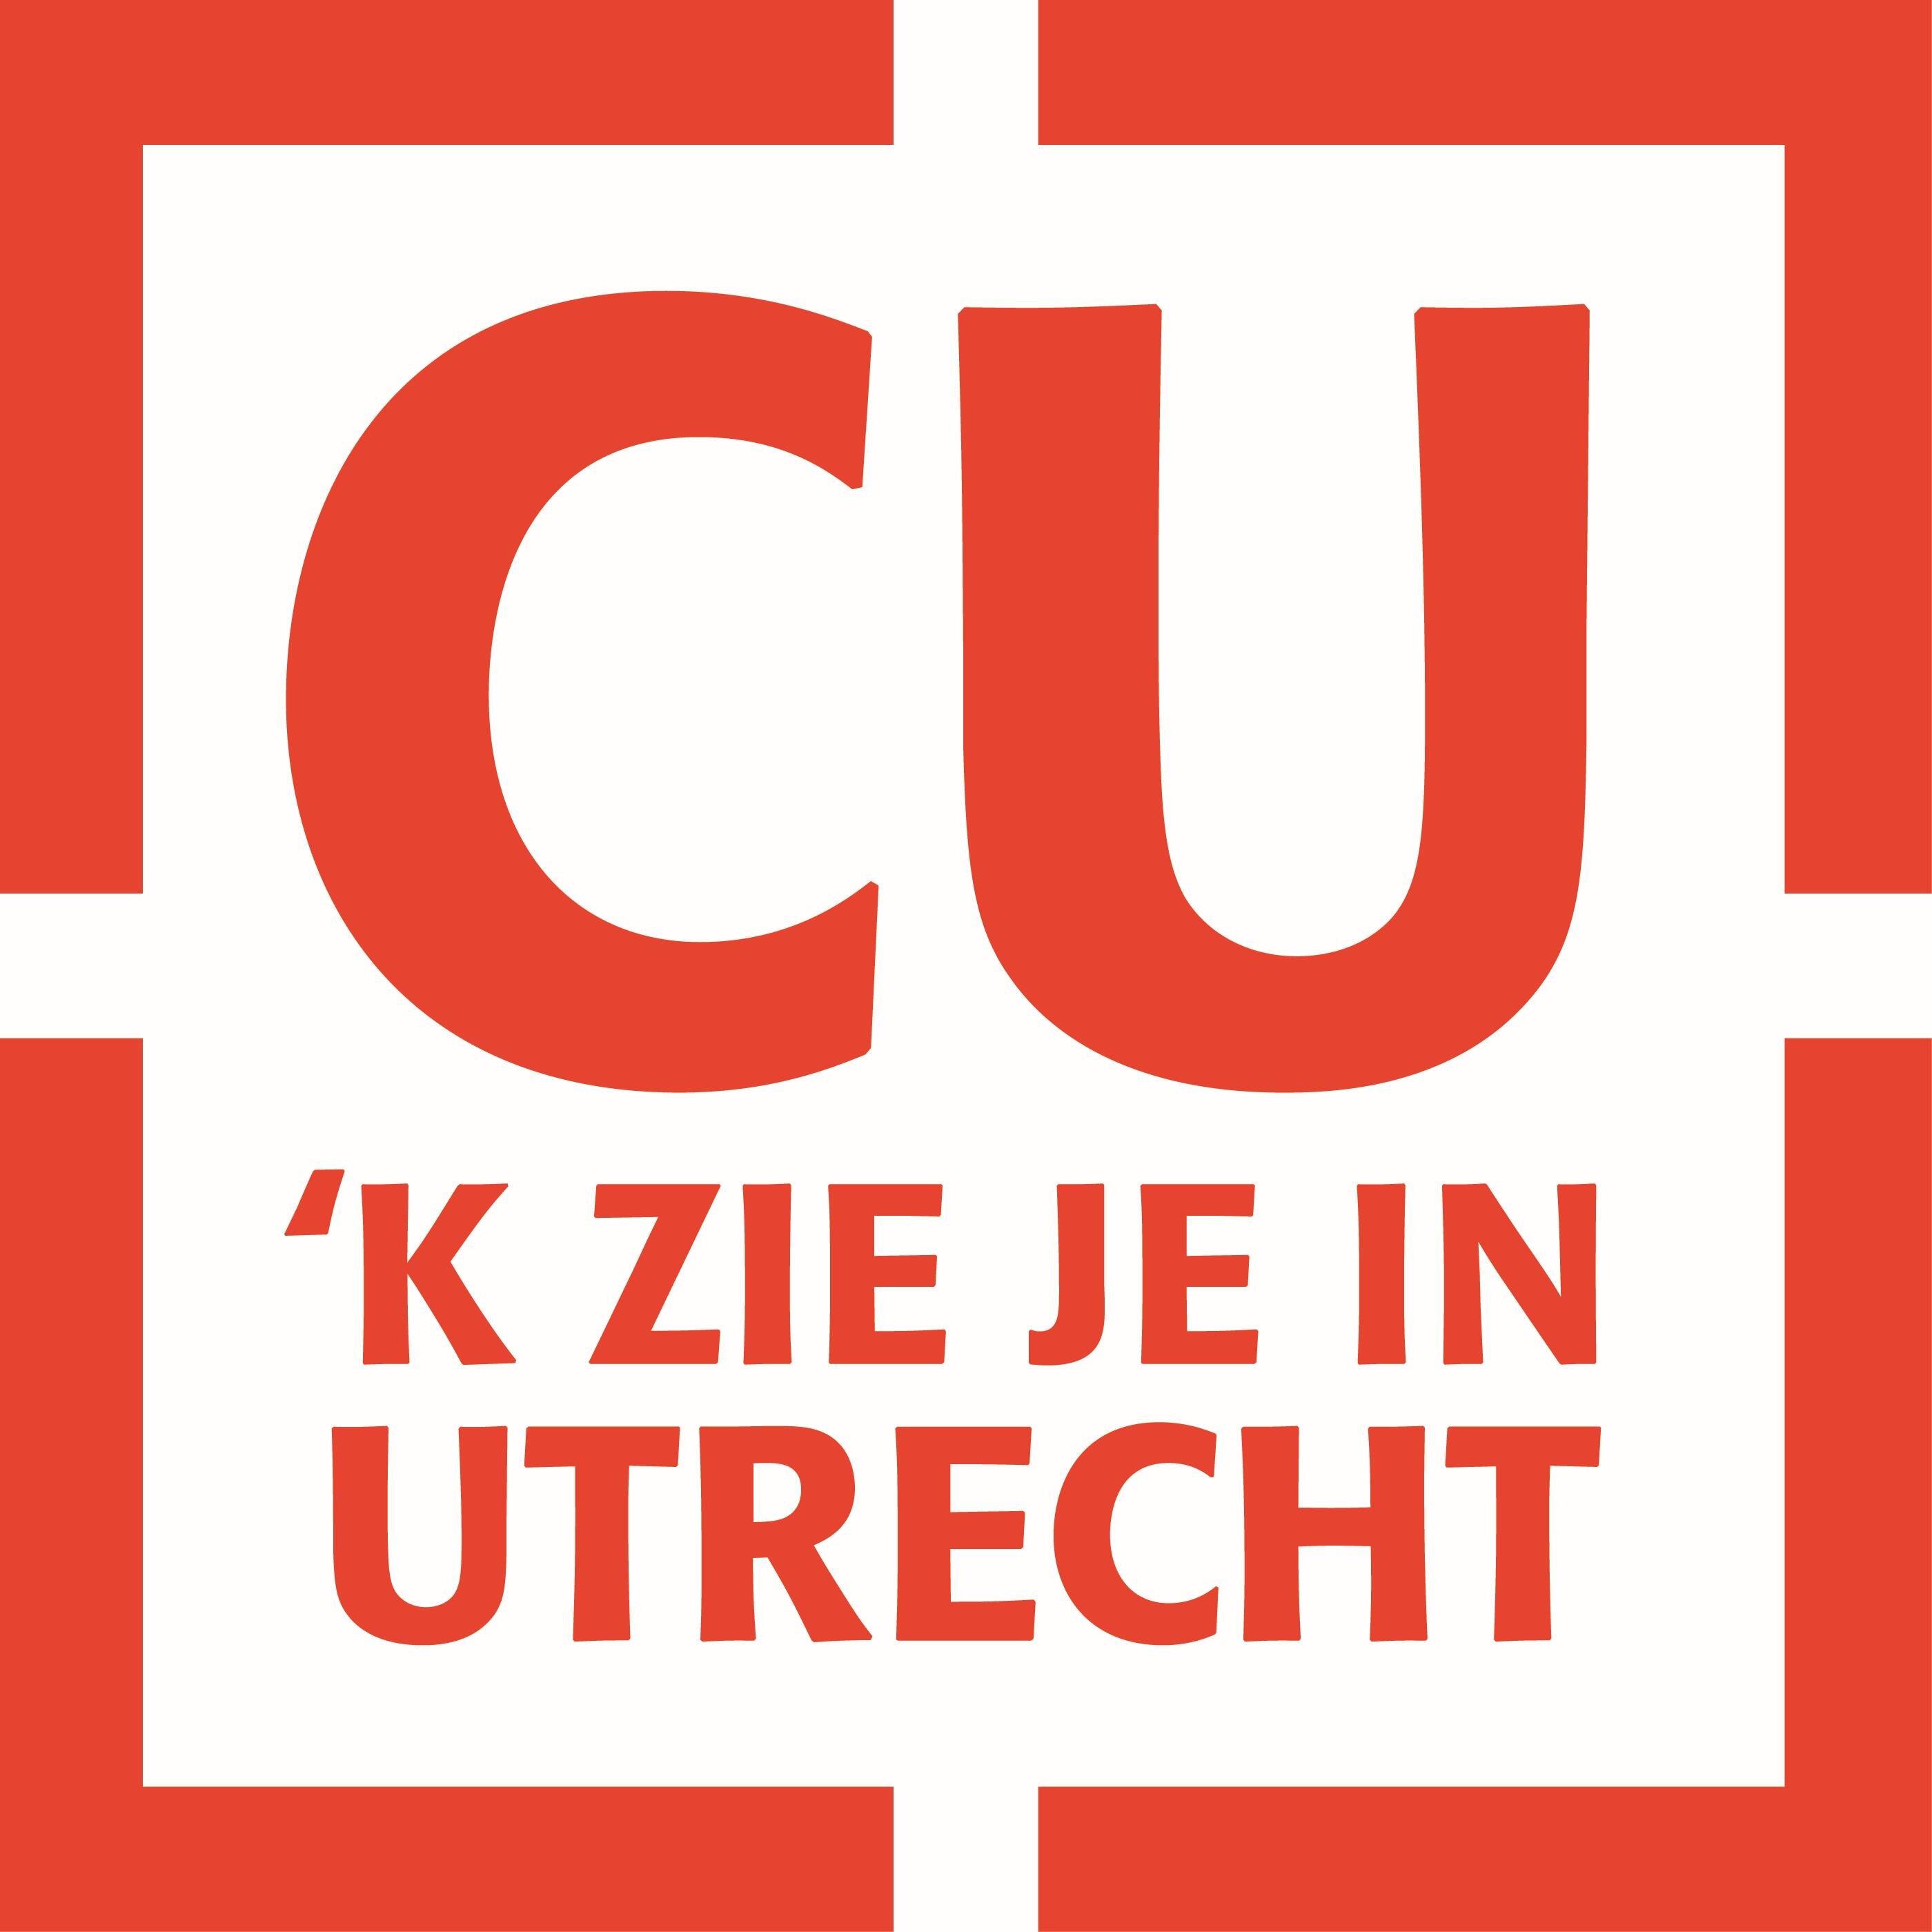 Afbeeldingsresultaat voor logo cu 2030